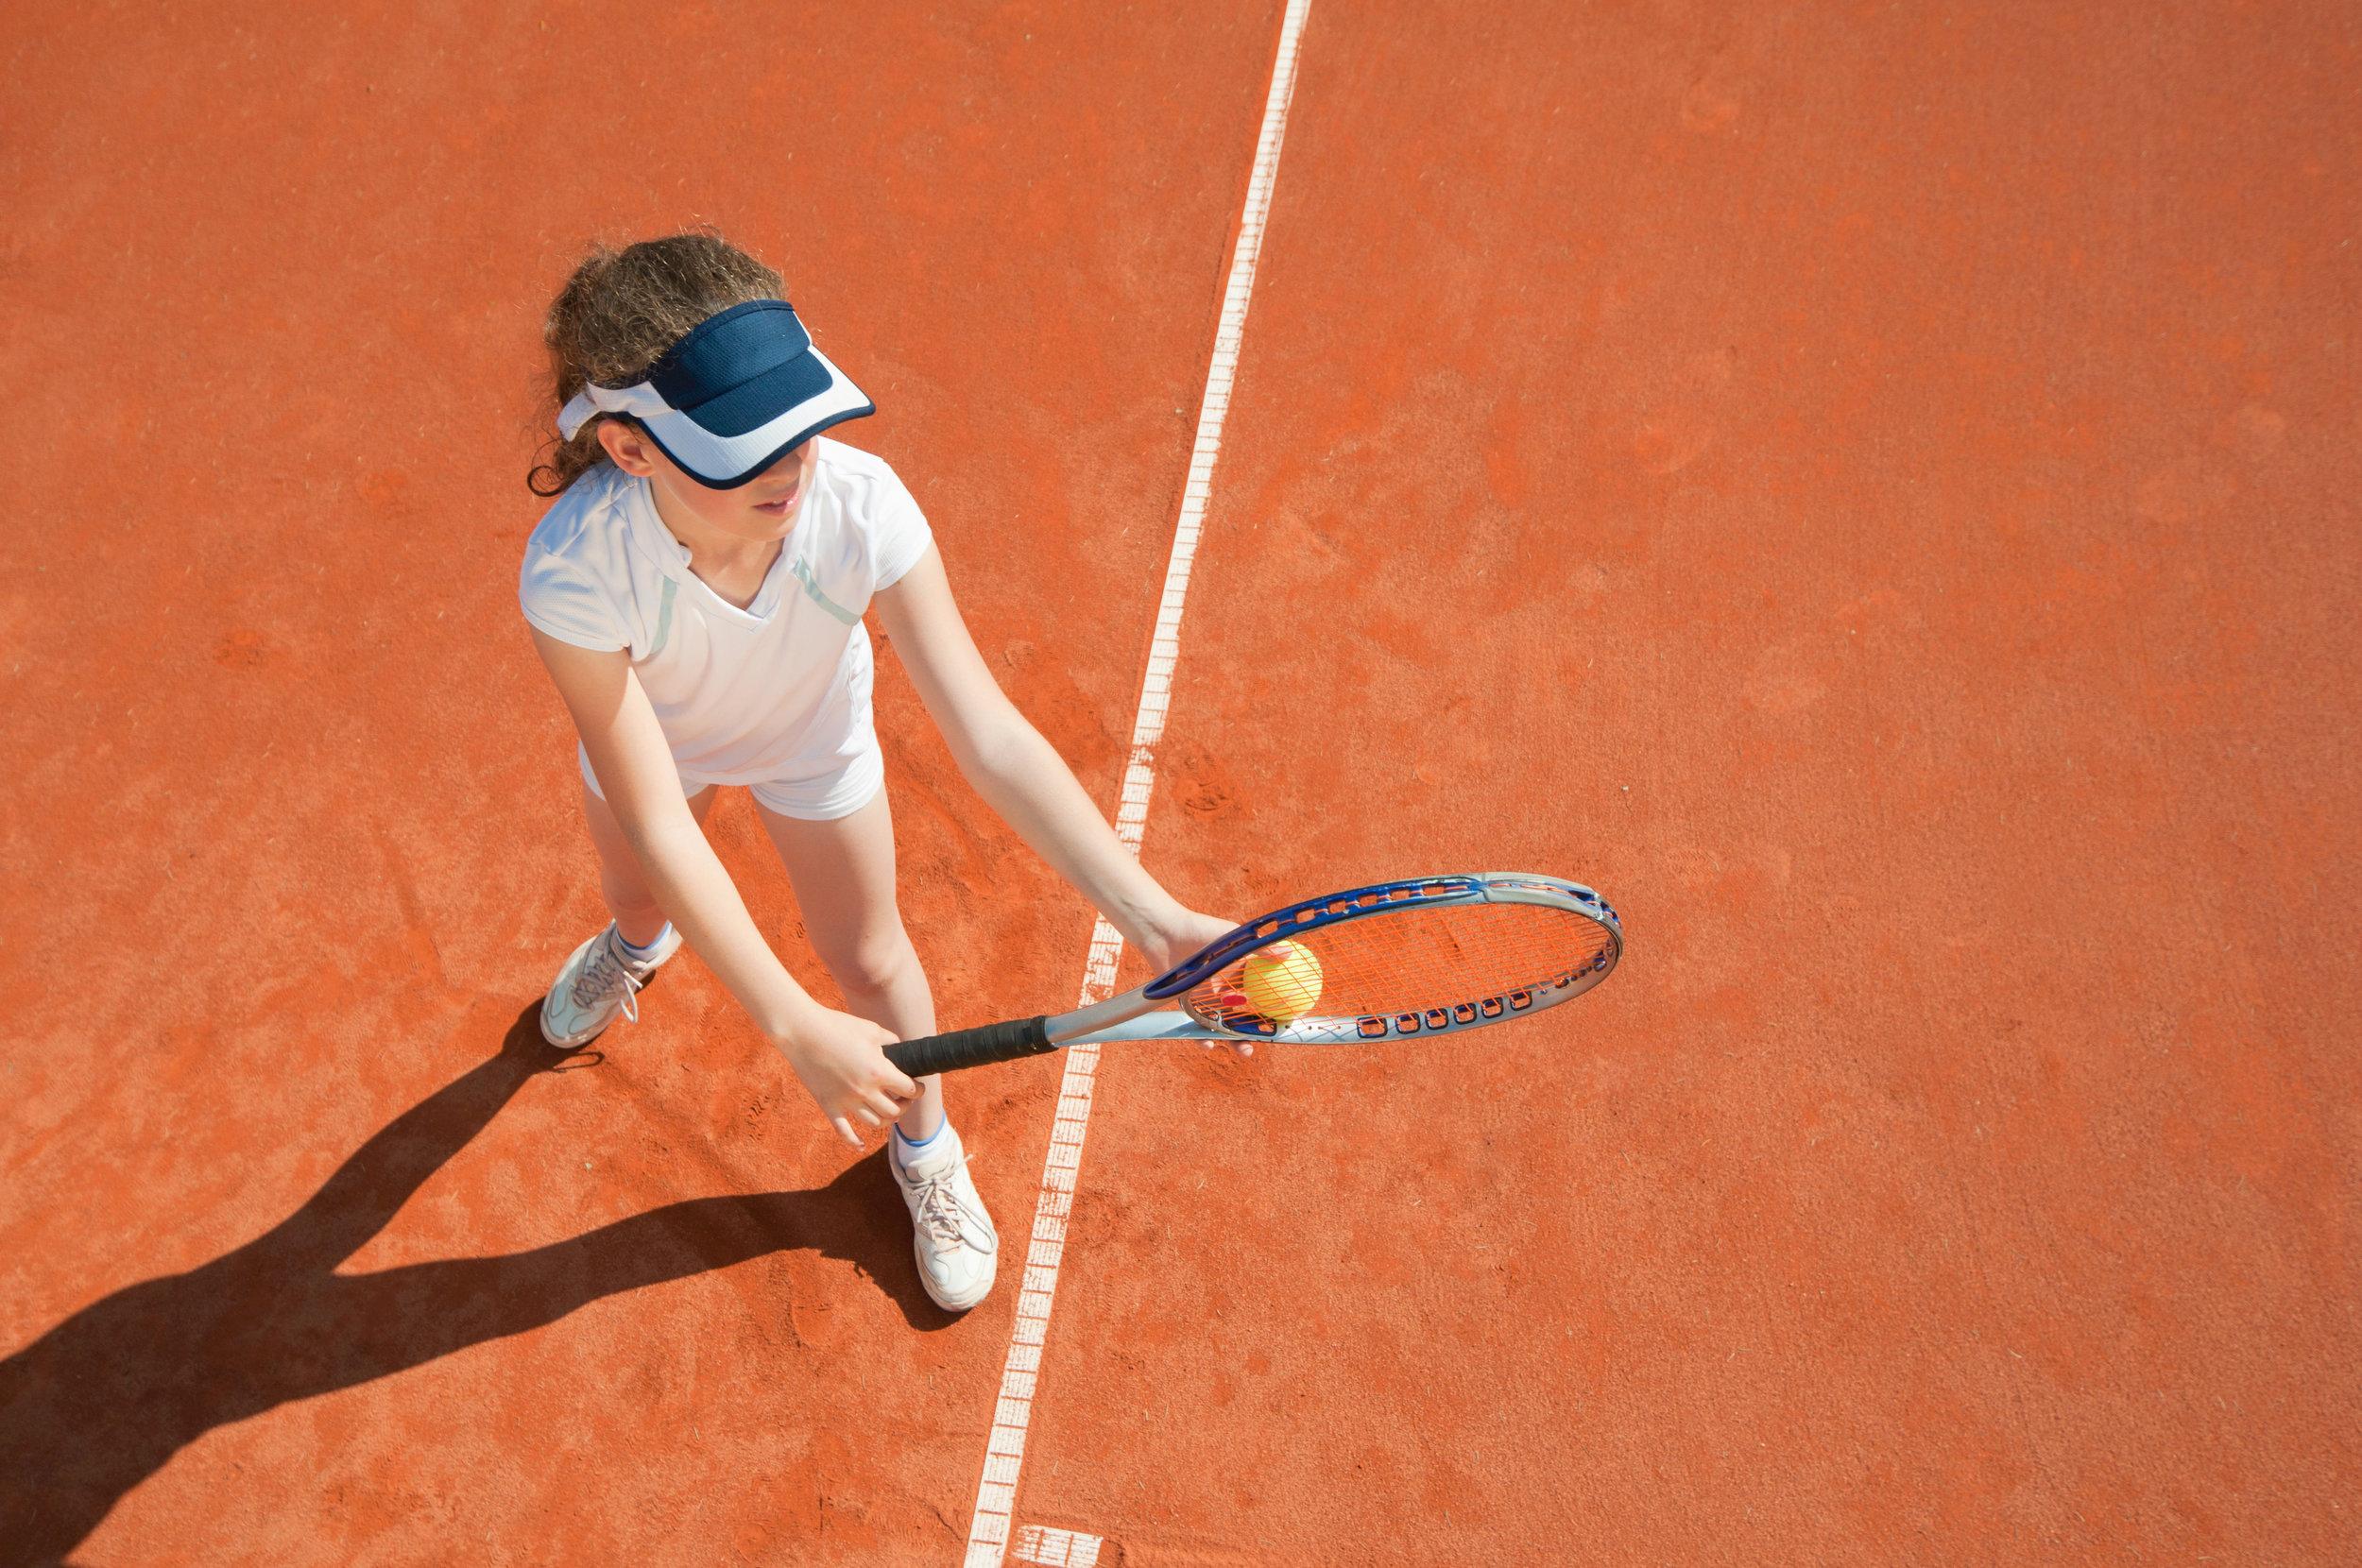 Junior Tennis_Clinic Drill.jpg